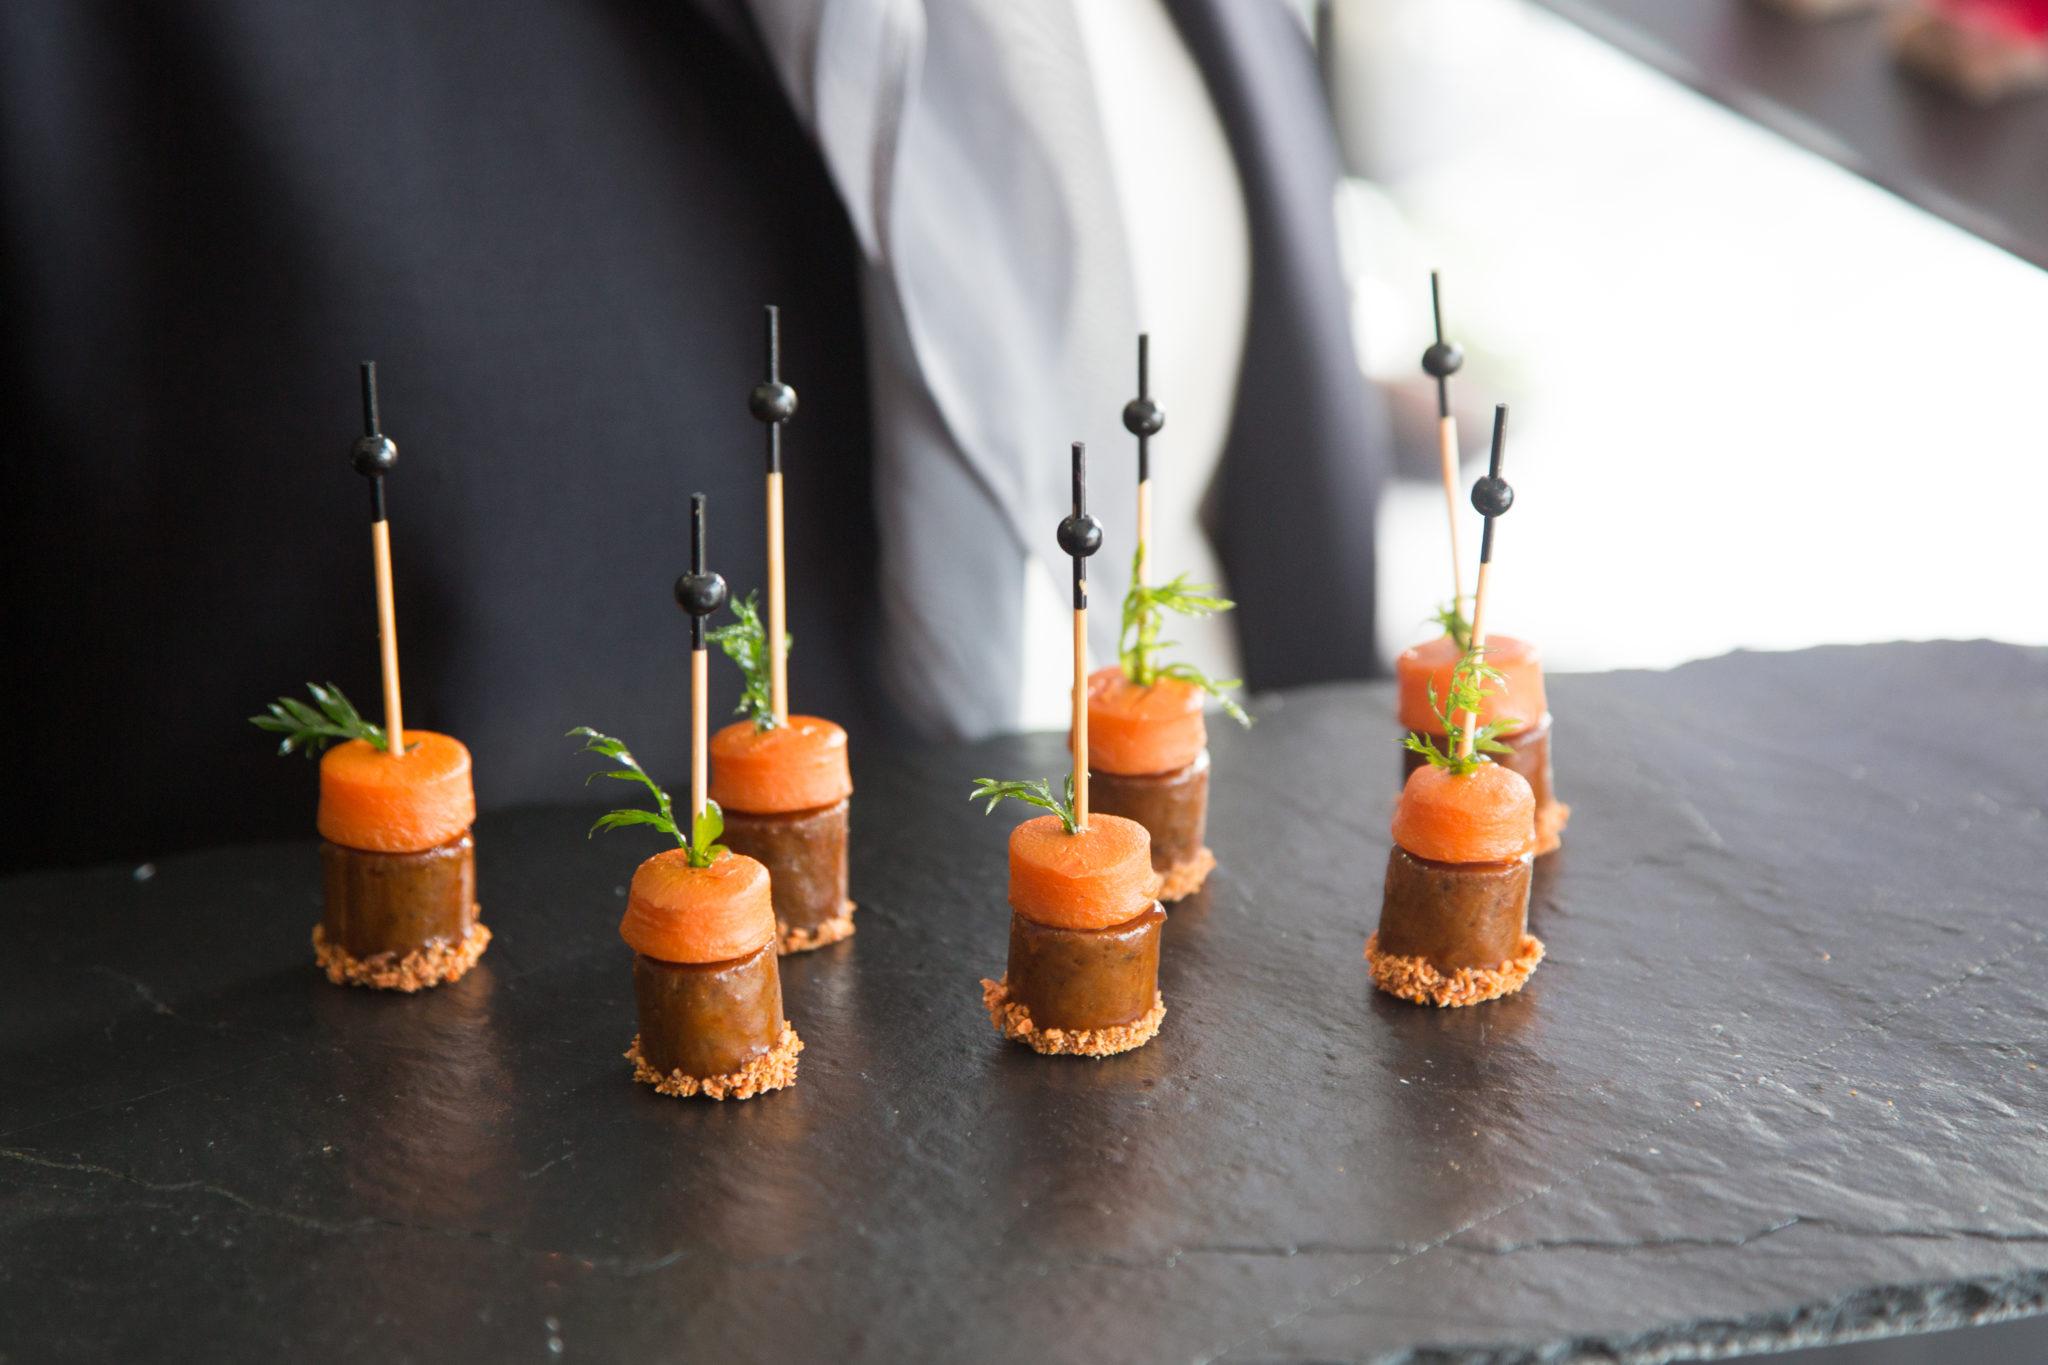 La cuisine Landaise se réinvente à l'infini tant les produits de base sont de qualité